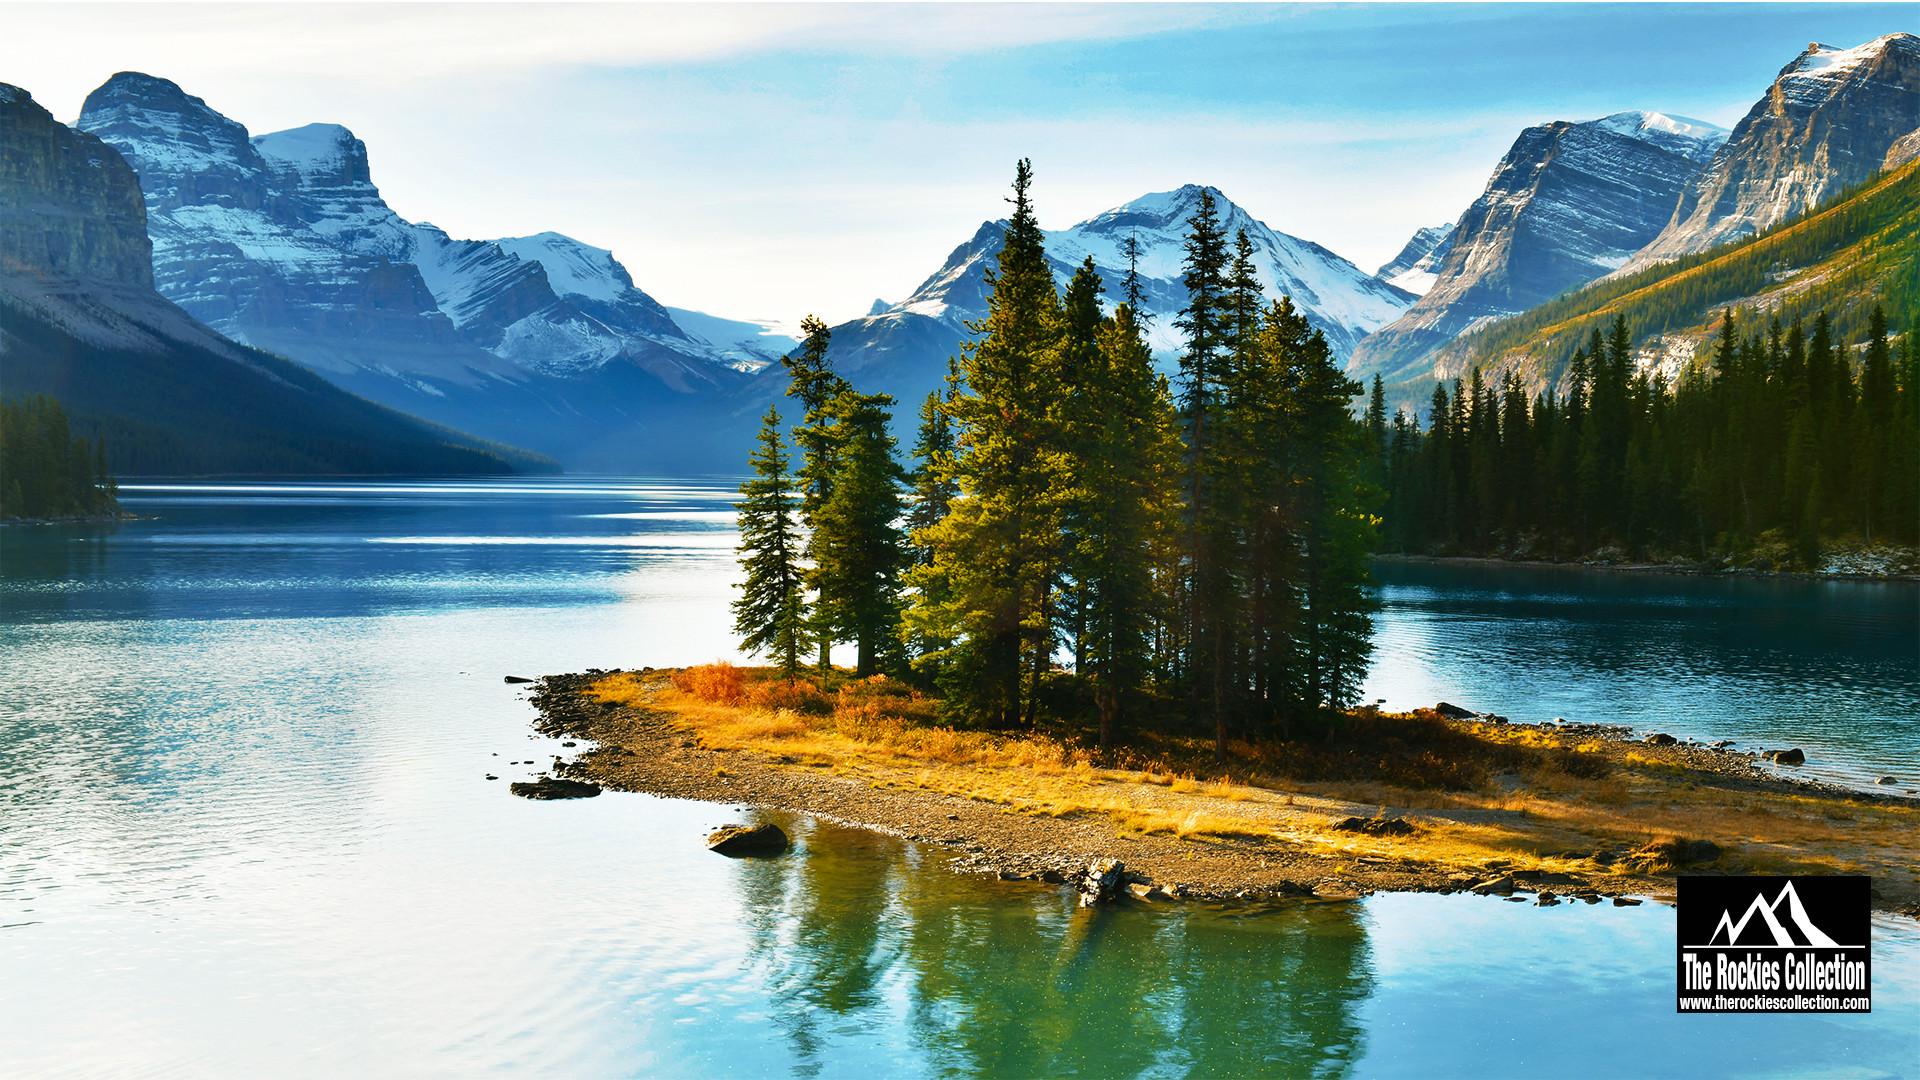 SPIRIT ISLAND - JASPER CANADIAN ROCKIES